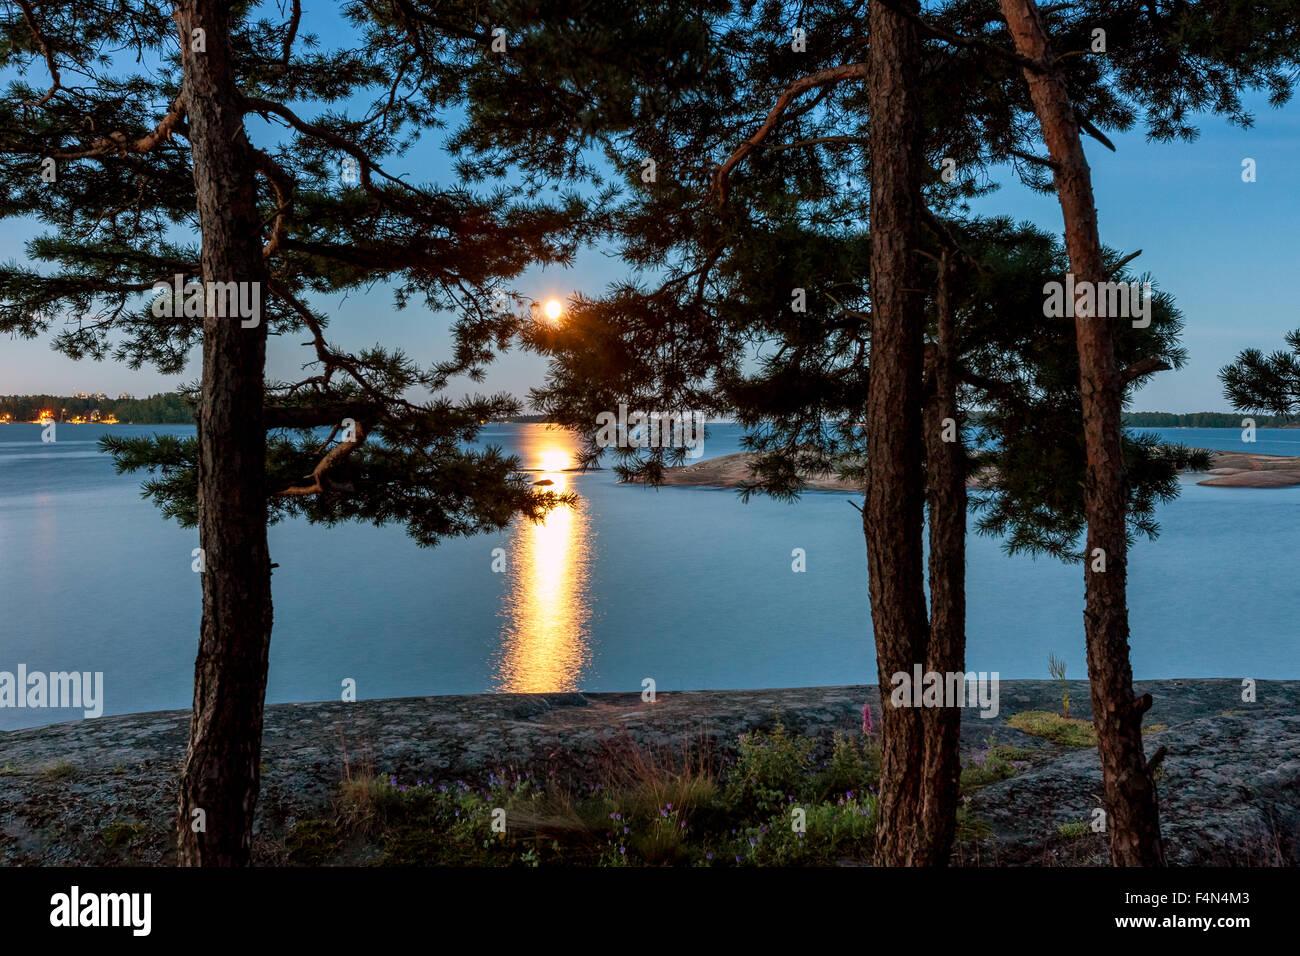 Moon rising at Läntinen Käärmeluoto island, Helsinki, Finland, Europe, EU - Stock Image